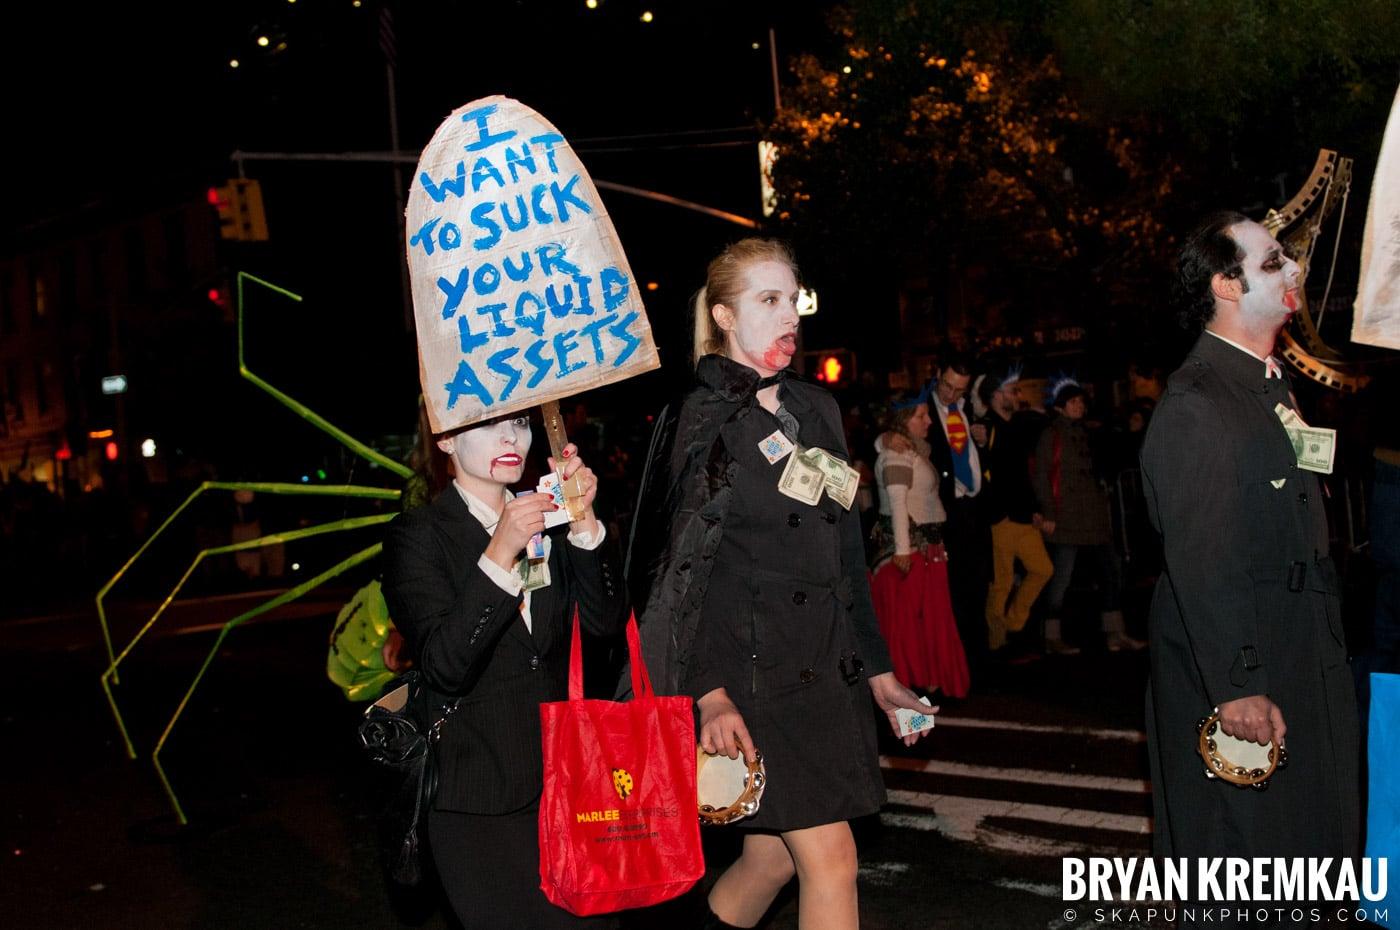 NYC Halloween Parade 2011 @ New York, NY - 10.31.11 (4)